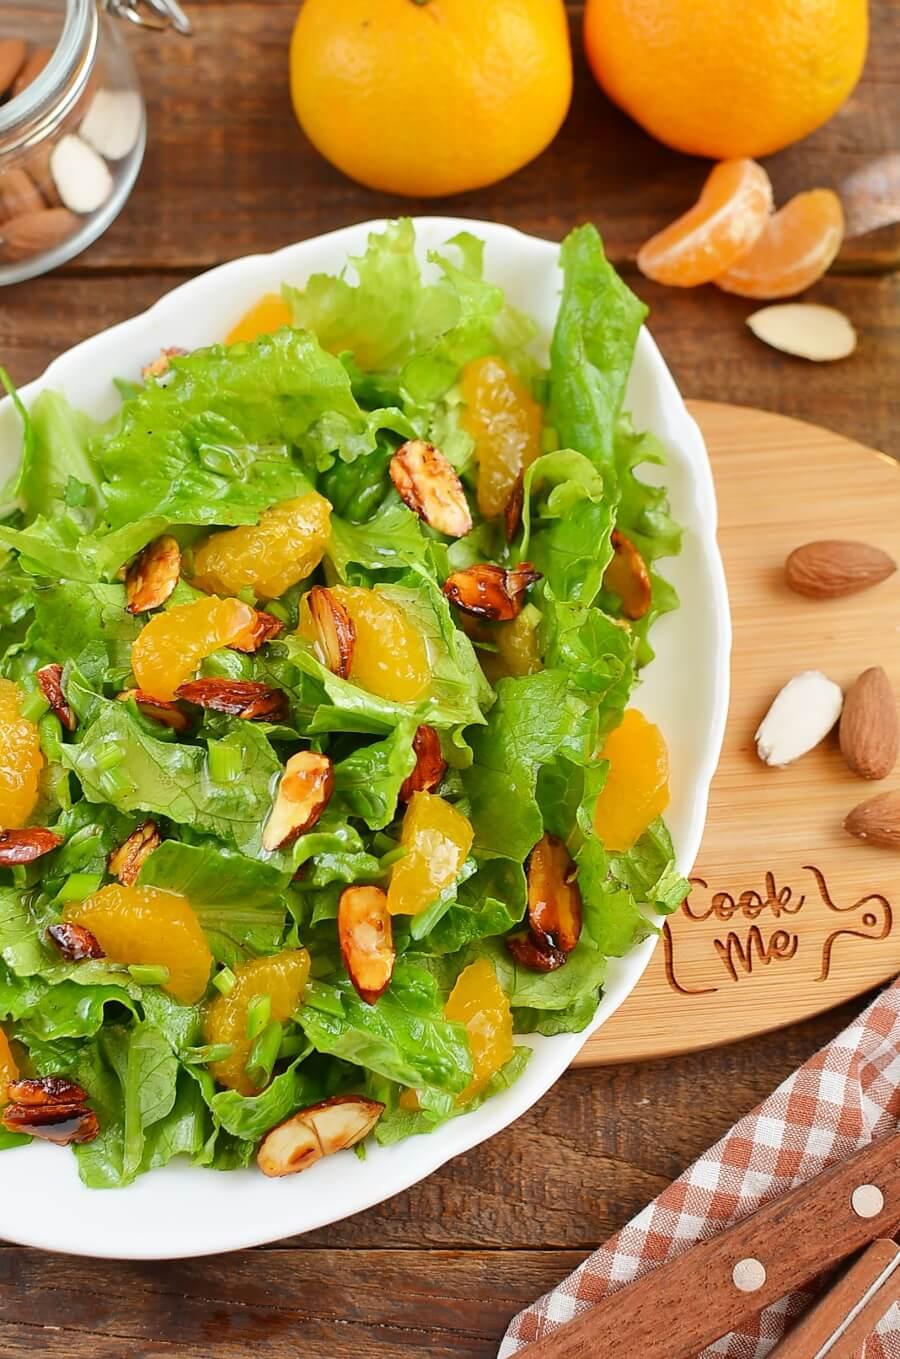 Tangerine Tossed Salad Recipe Cook Me Recipes